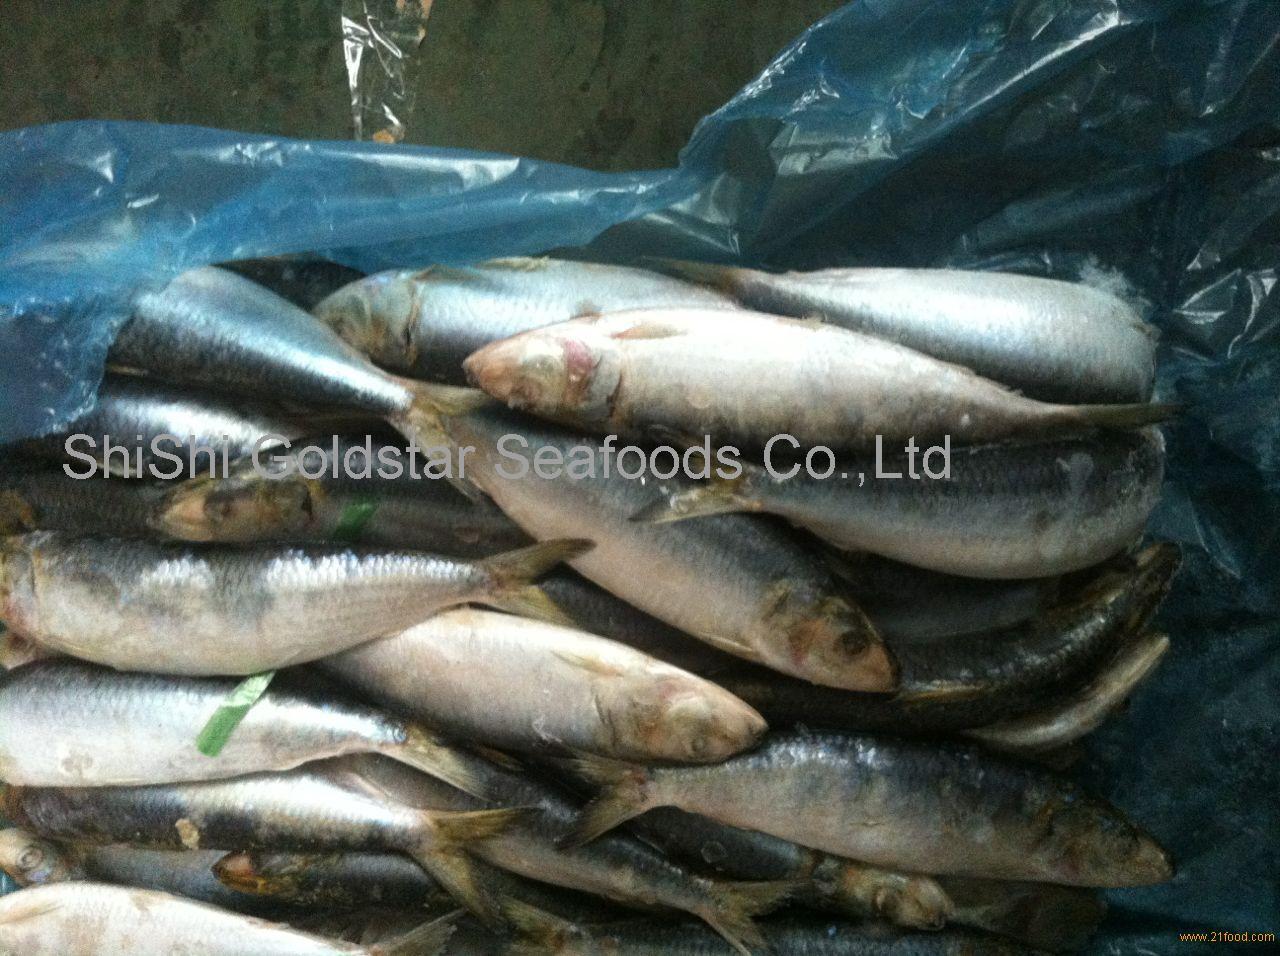 Fish sardines frozen sardine whole foods best sardine in for Best way to freeze fish